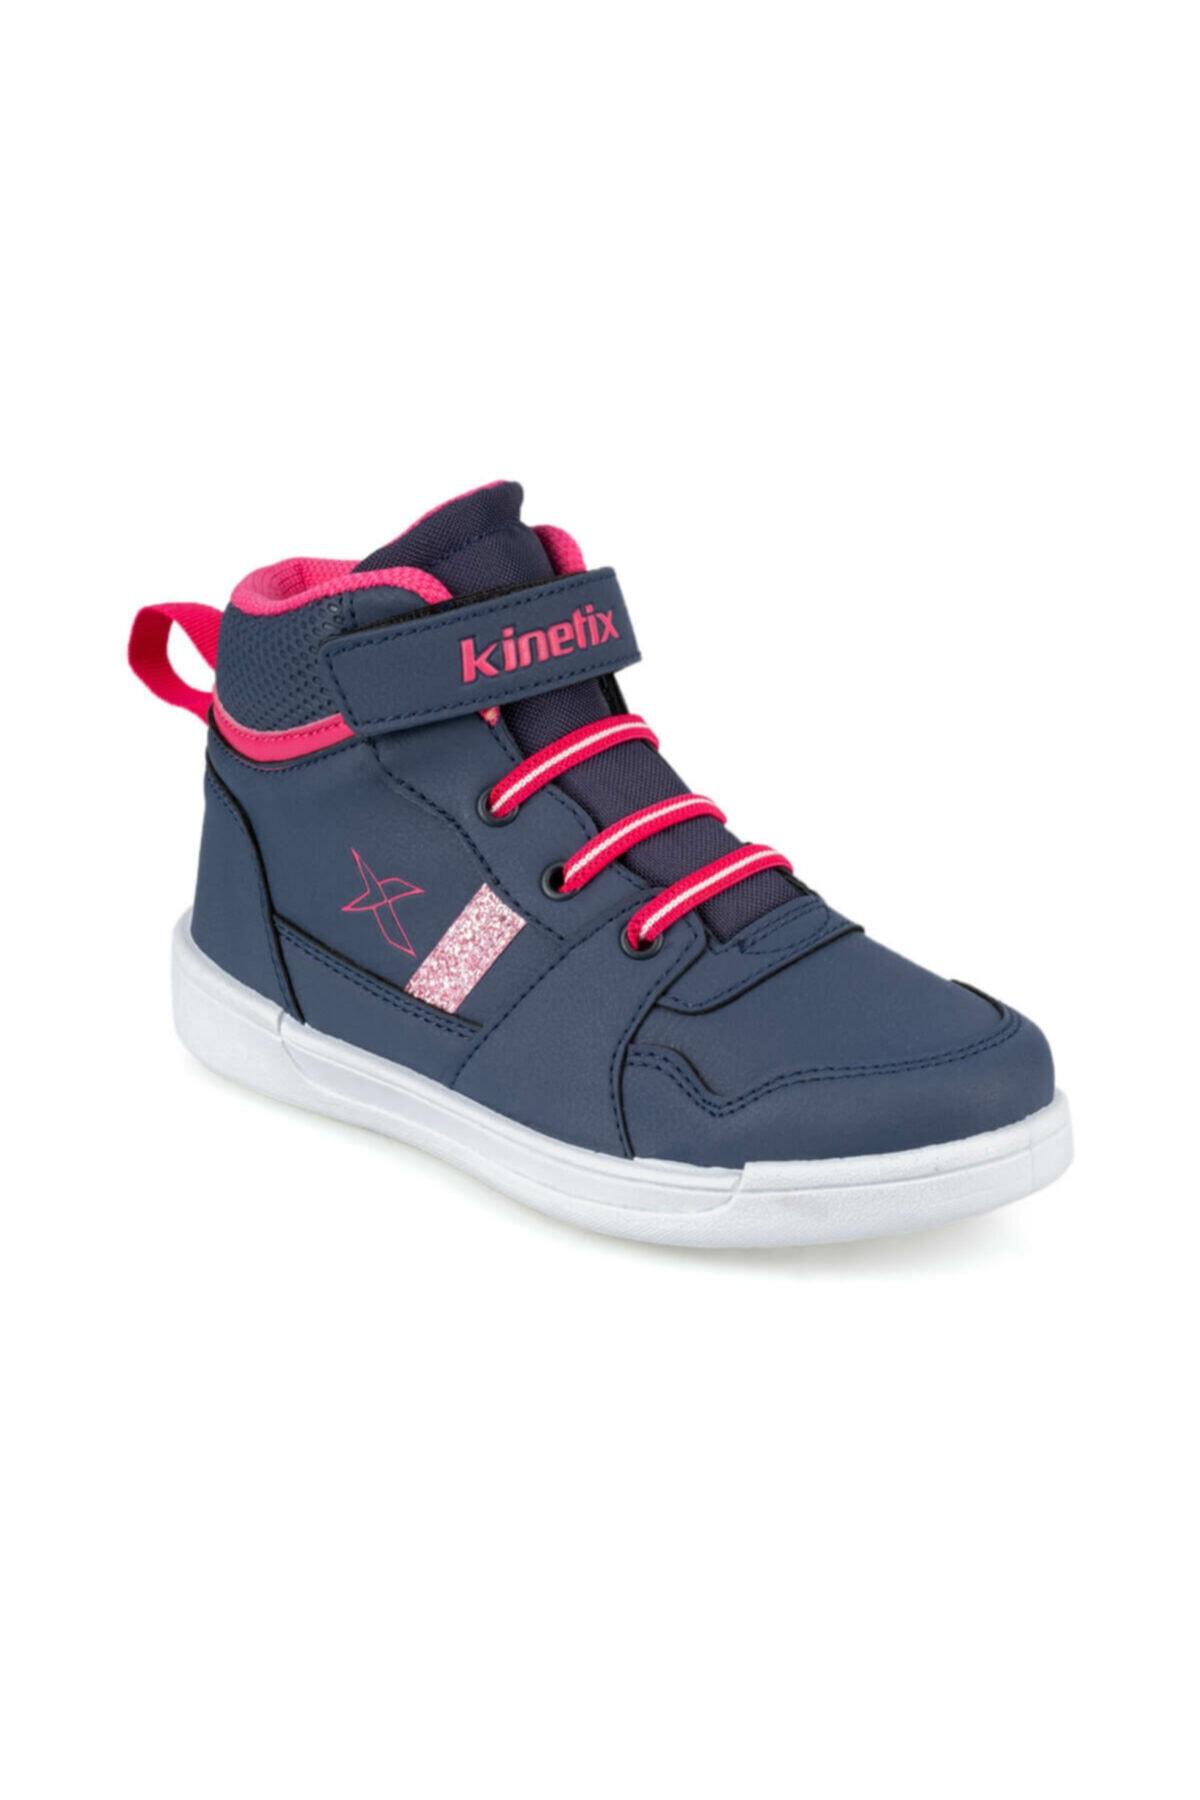 Kinetix ENKOS HI 9PR Lacivert Kız Çocuk Sneaker Ayakkabı 100425523 1